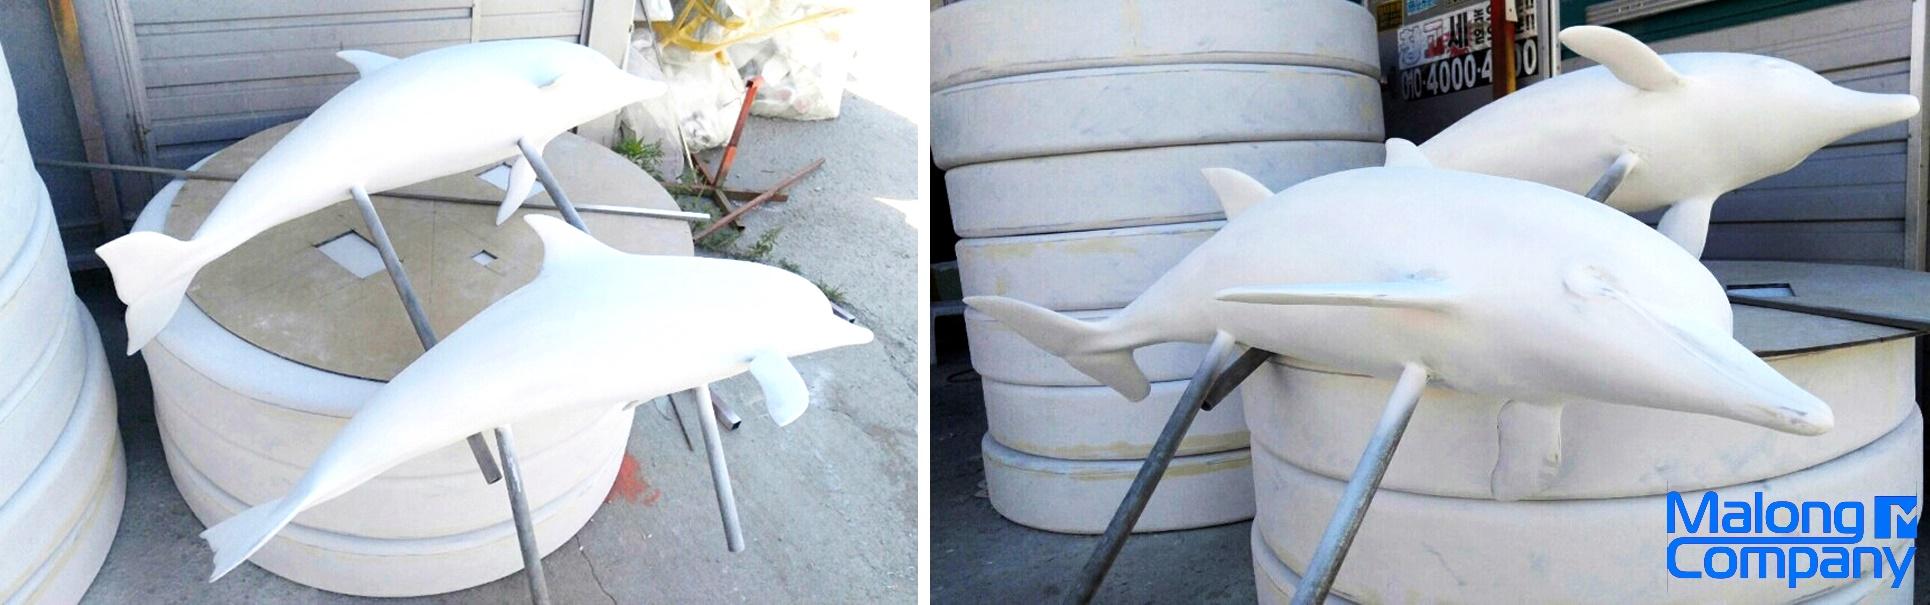 고래 조형물 설치 동물 모형 제작 동물 조형물 제작 FRP 제작 FRP 조형물 제작 포토존 조형물 FRP 모형 옥외 조형물 스티로폼 모형